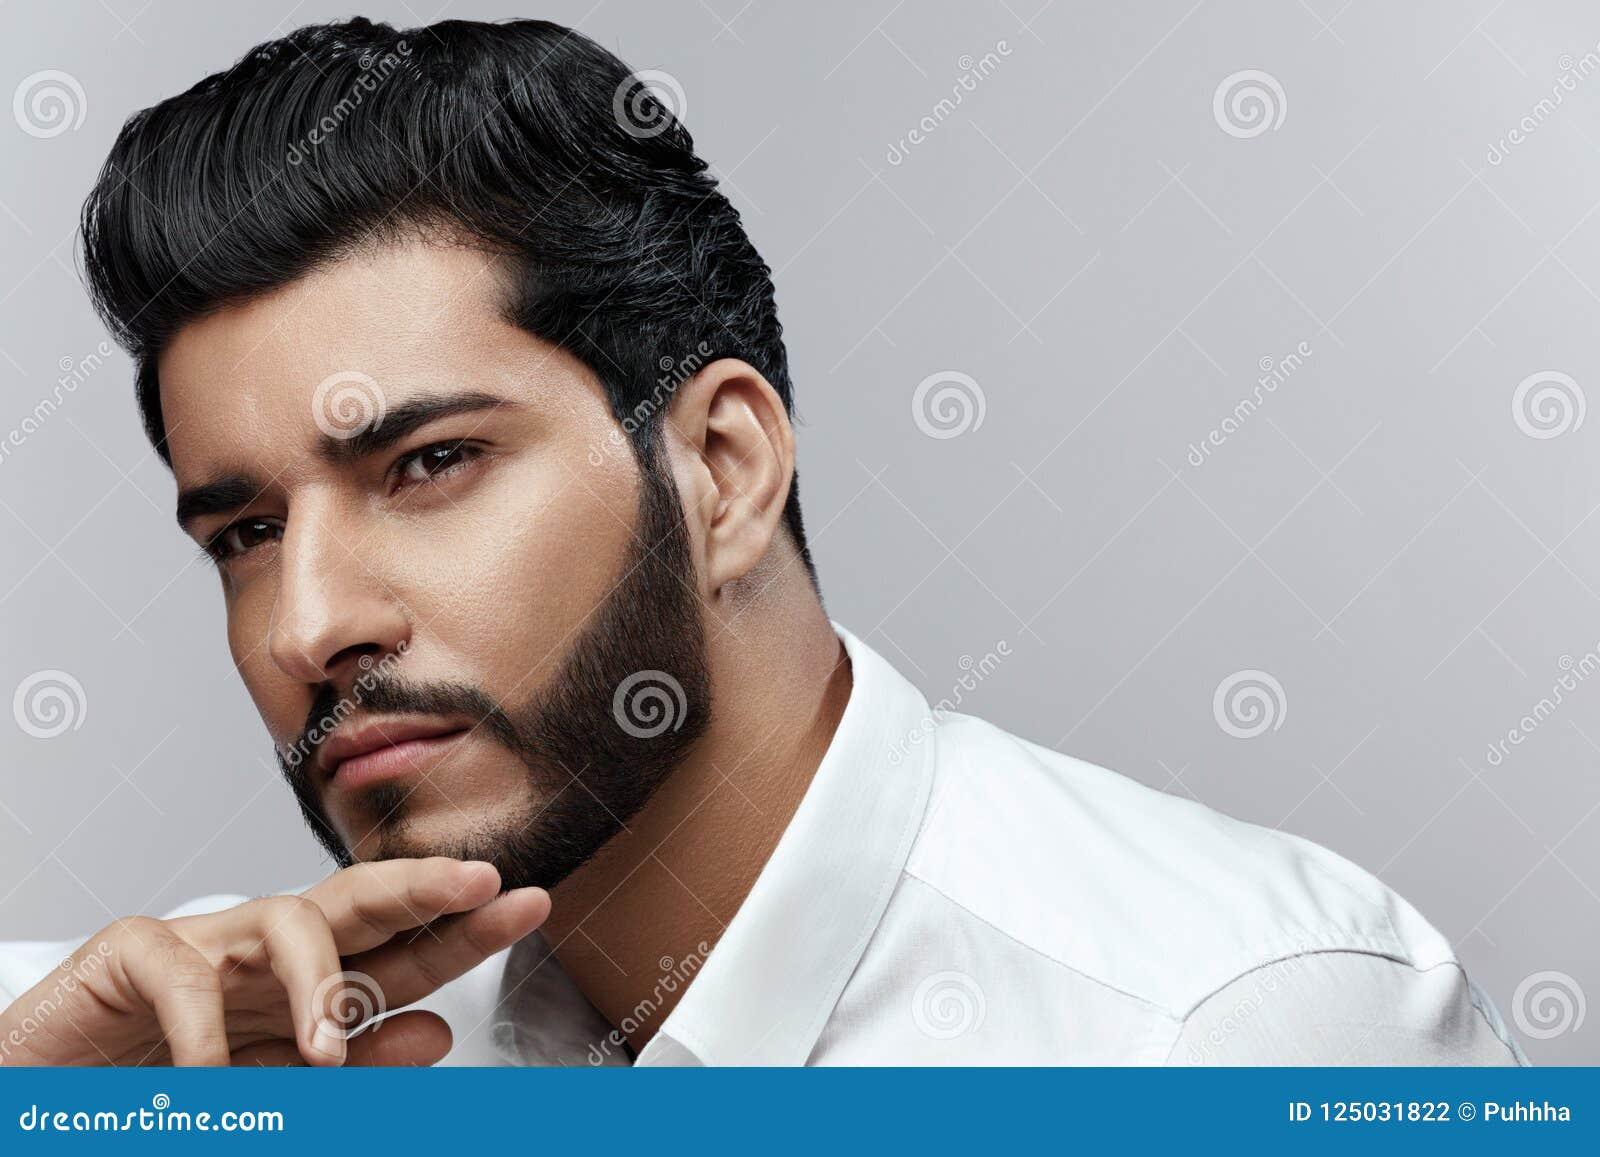 Bellezza Uomo con stile di capelli ed il ritratto della barba With Fashion  Haircut di modello maschio bello e bello fronte Di alta risoluzione f67818b50b17